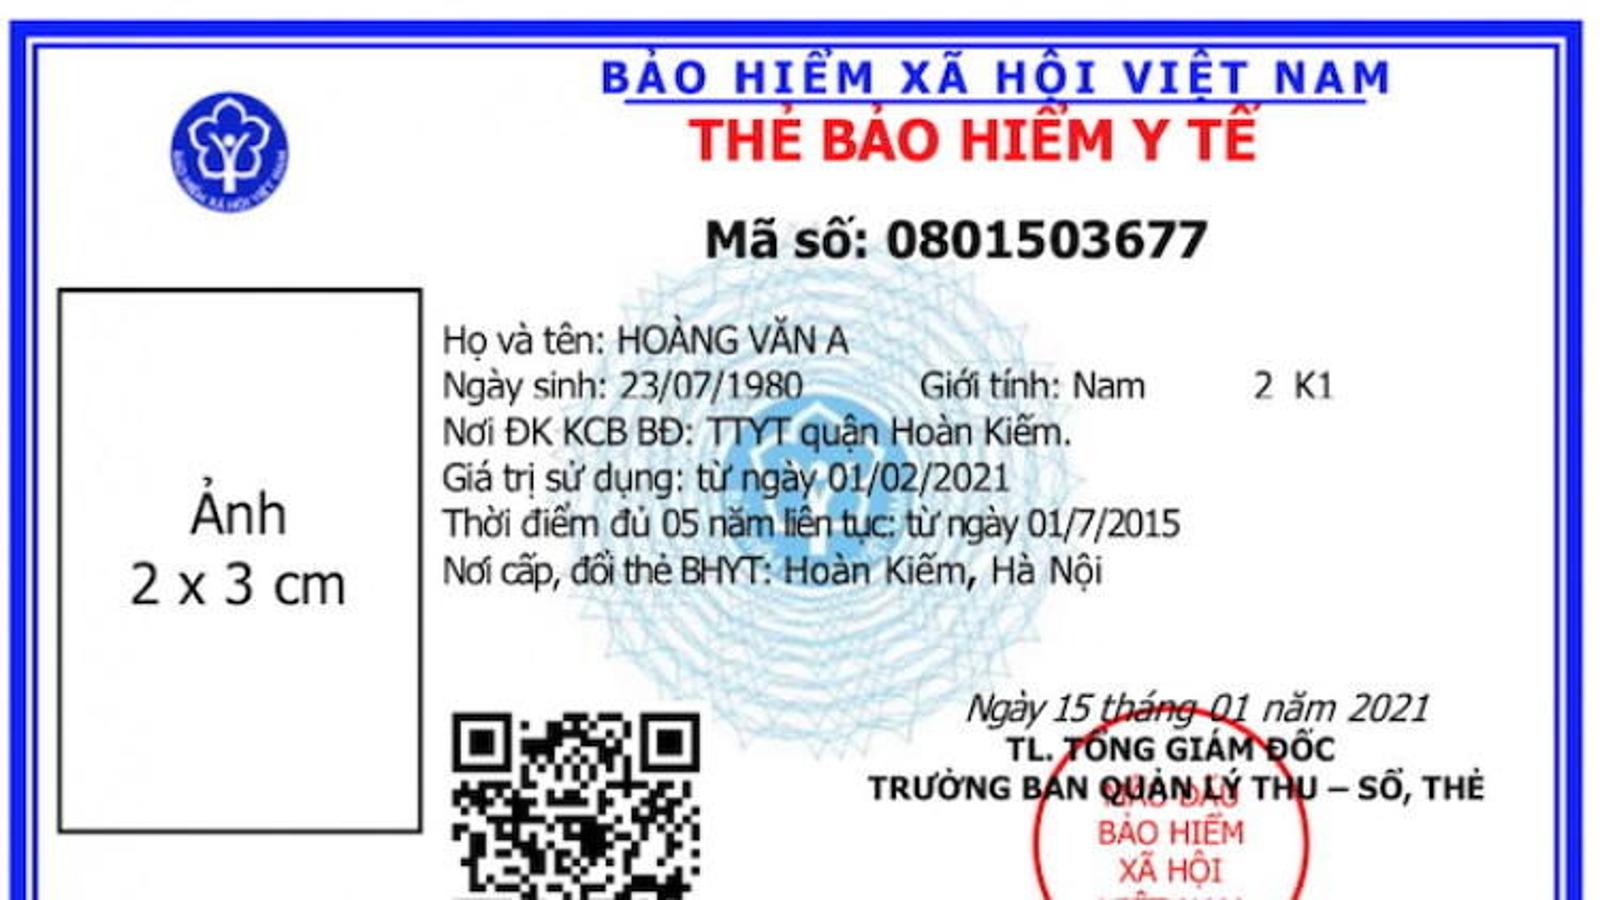 Mẫu thẻ BHYT mới vừa được BHXH Việt Nam ban hành